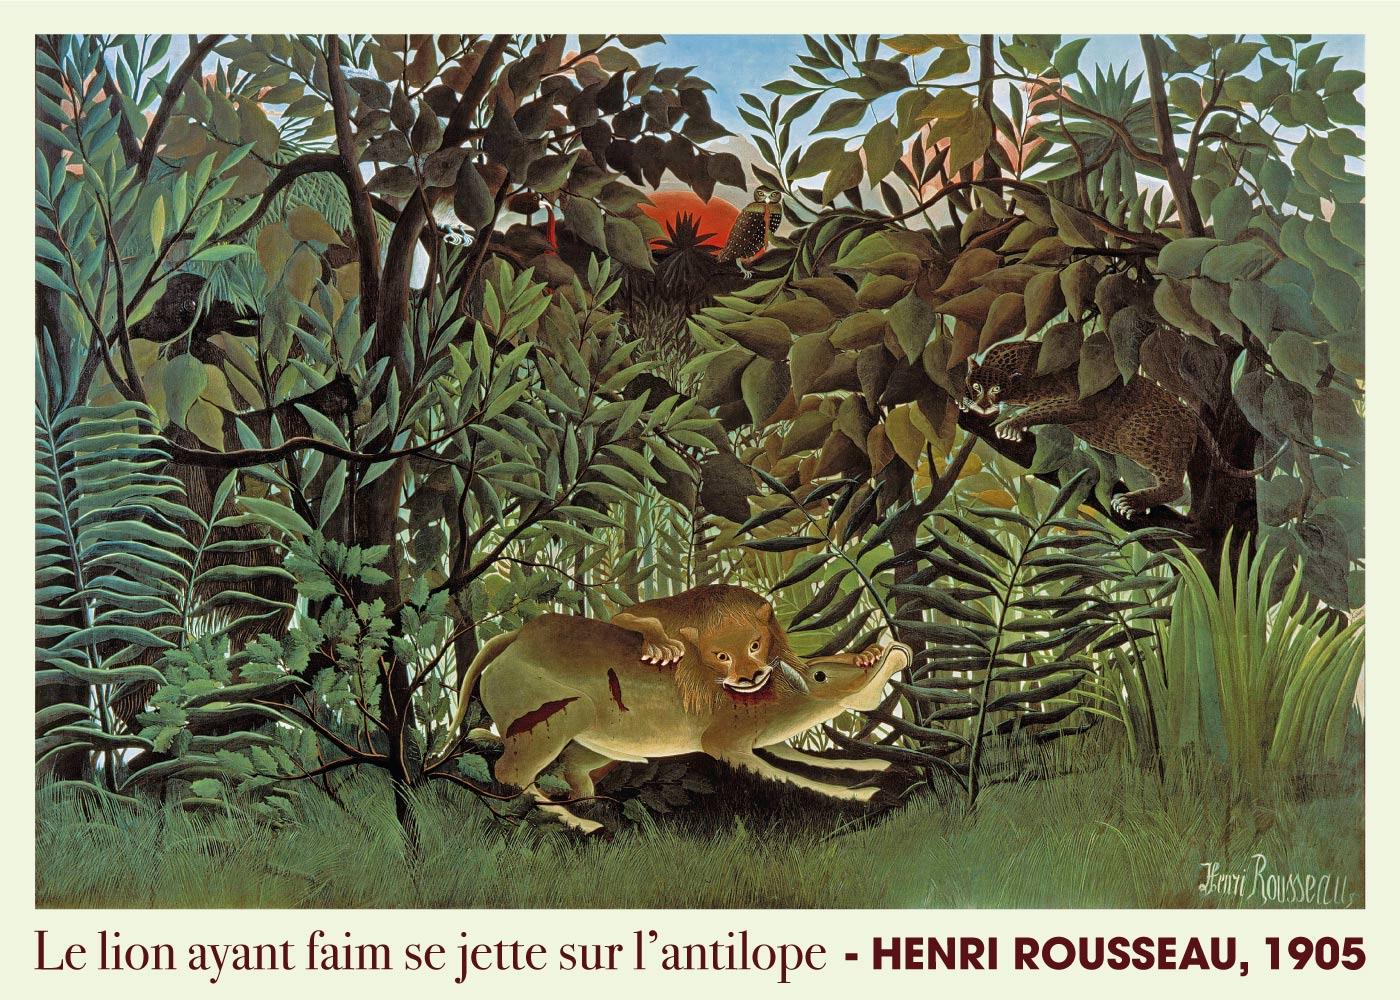 Billede af Le lion ayant faim se jette sur l'antilope - Henri Rousseau